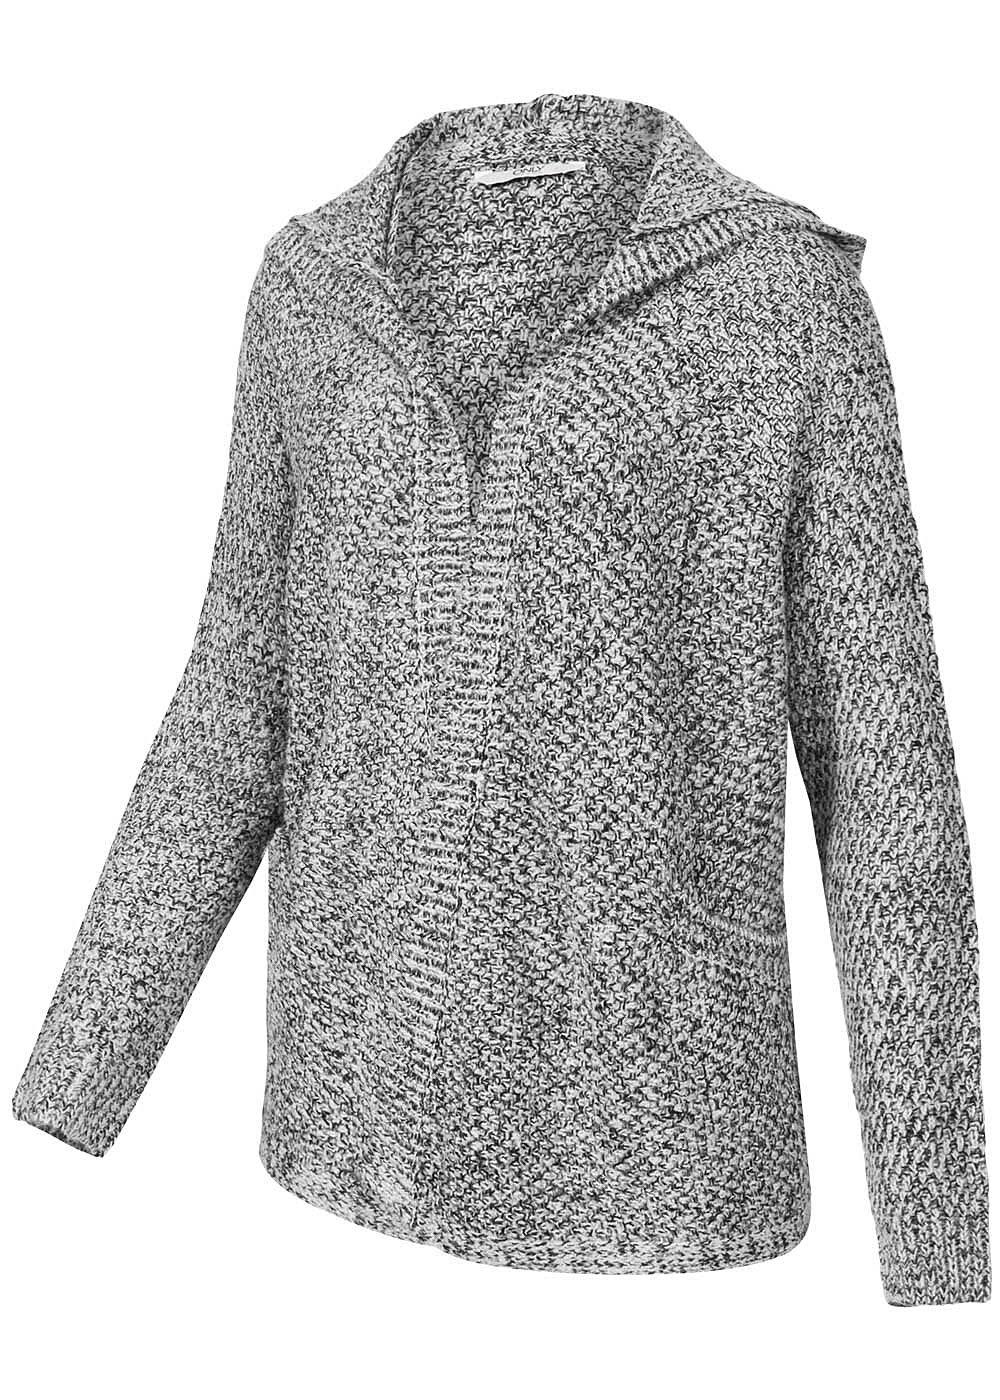 only damen strick cardigan 15105397 awesome mit kapuze 2 taschen grau. Black Bedroom Furniture Sets. Home Design Ideas